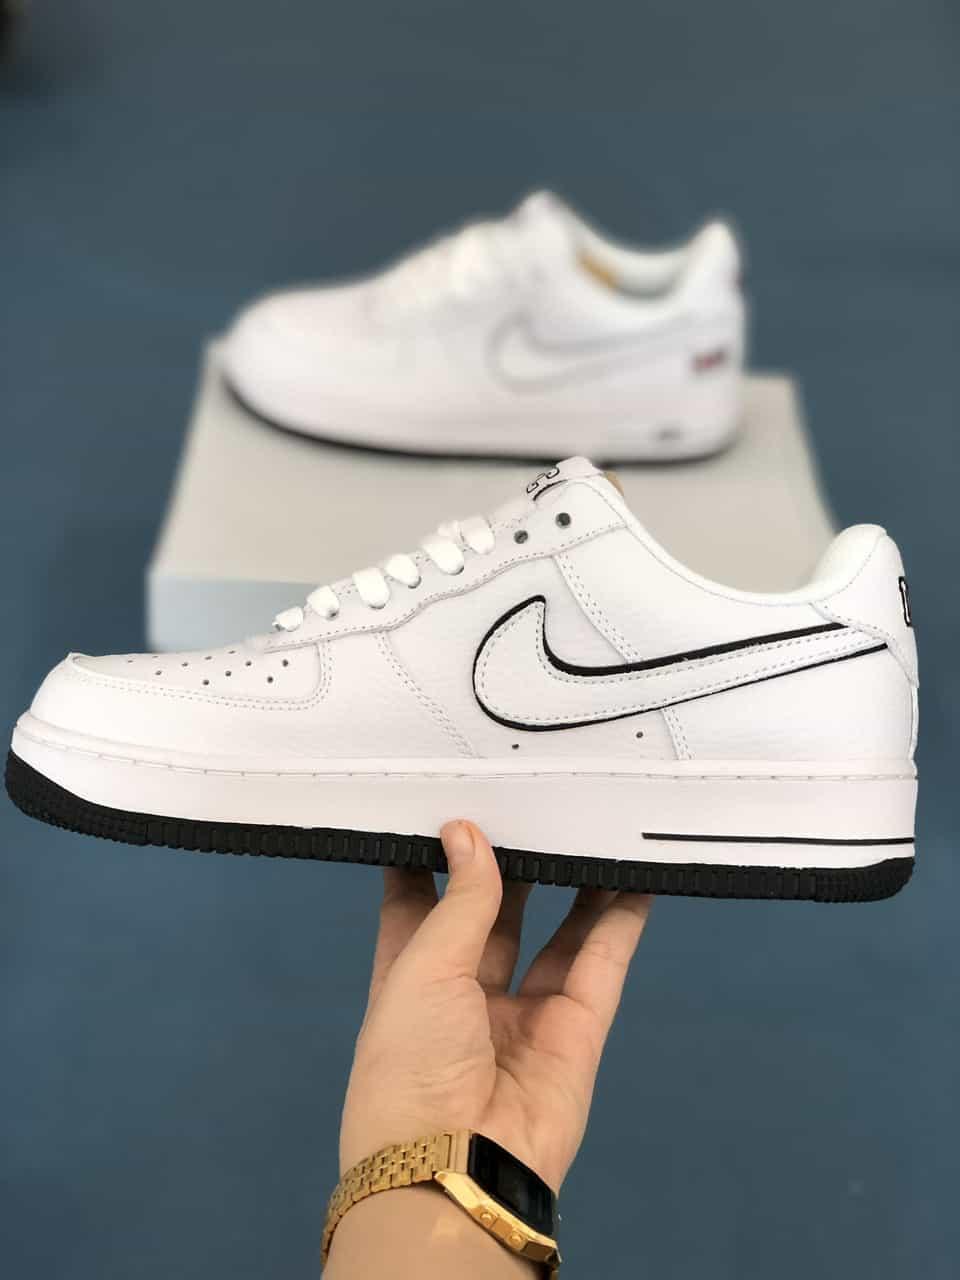 Giày Nike Air Force 1 rep 1:1 có hình ảnh chữ NYC bắt mắt